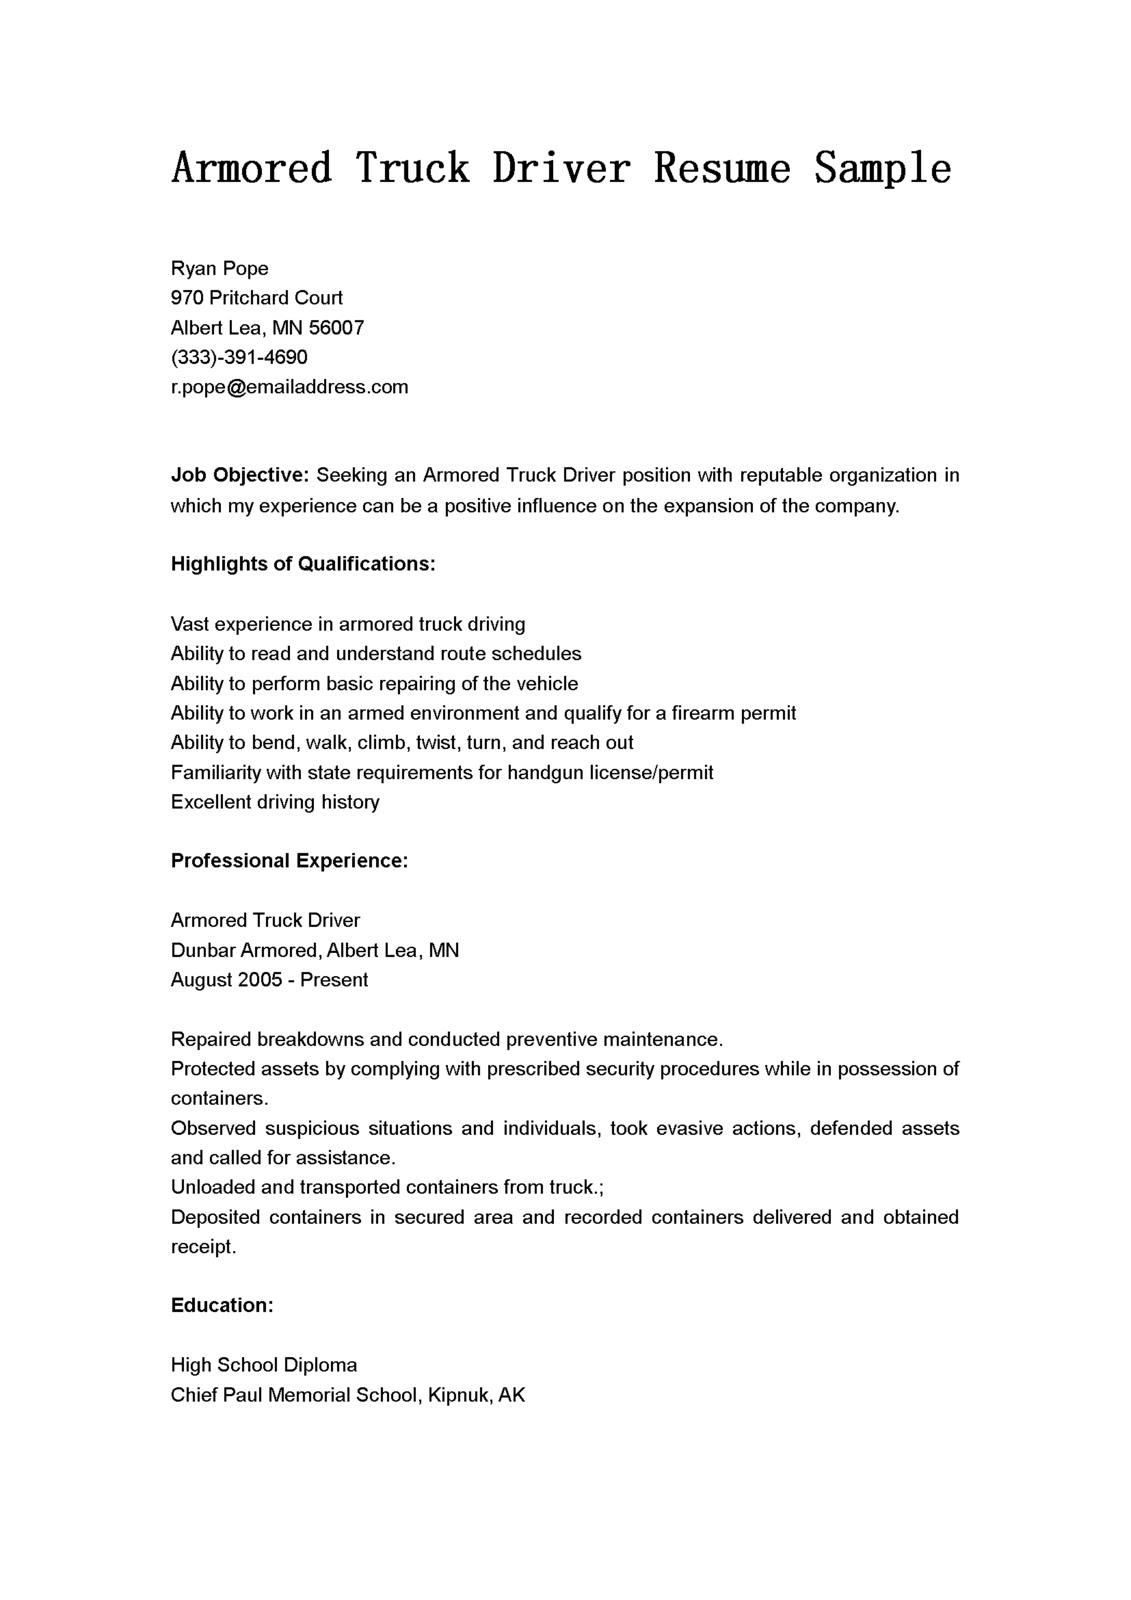 cover letter sample for truck driving job - Resume Cover Letter Samples Truck Driver